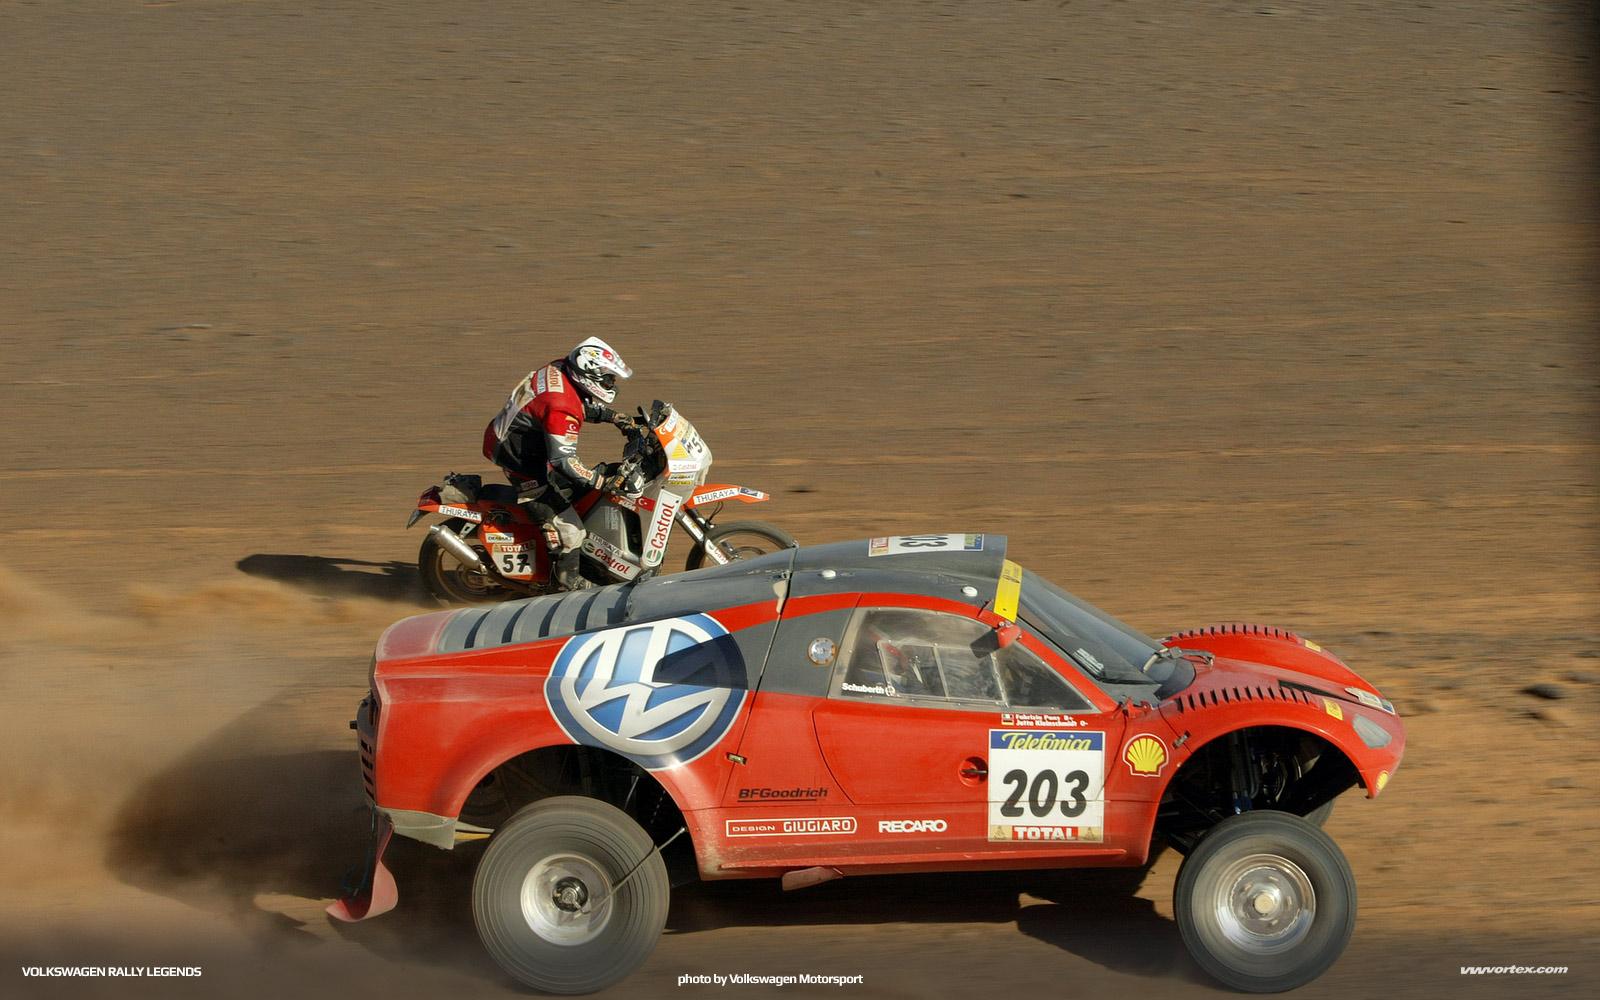 volkswagen-rally-legends-408